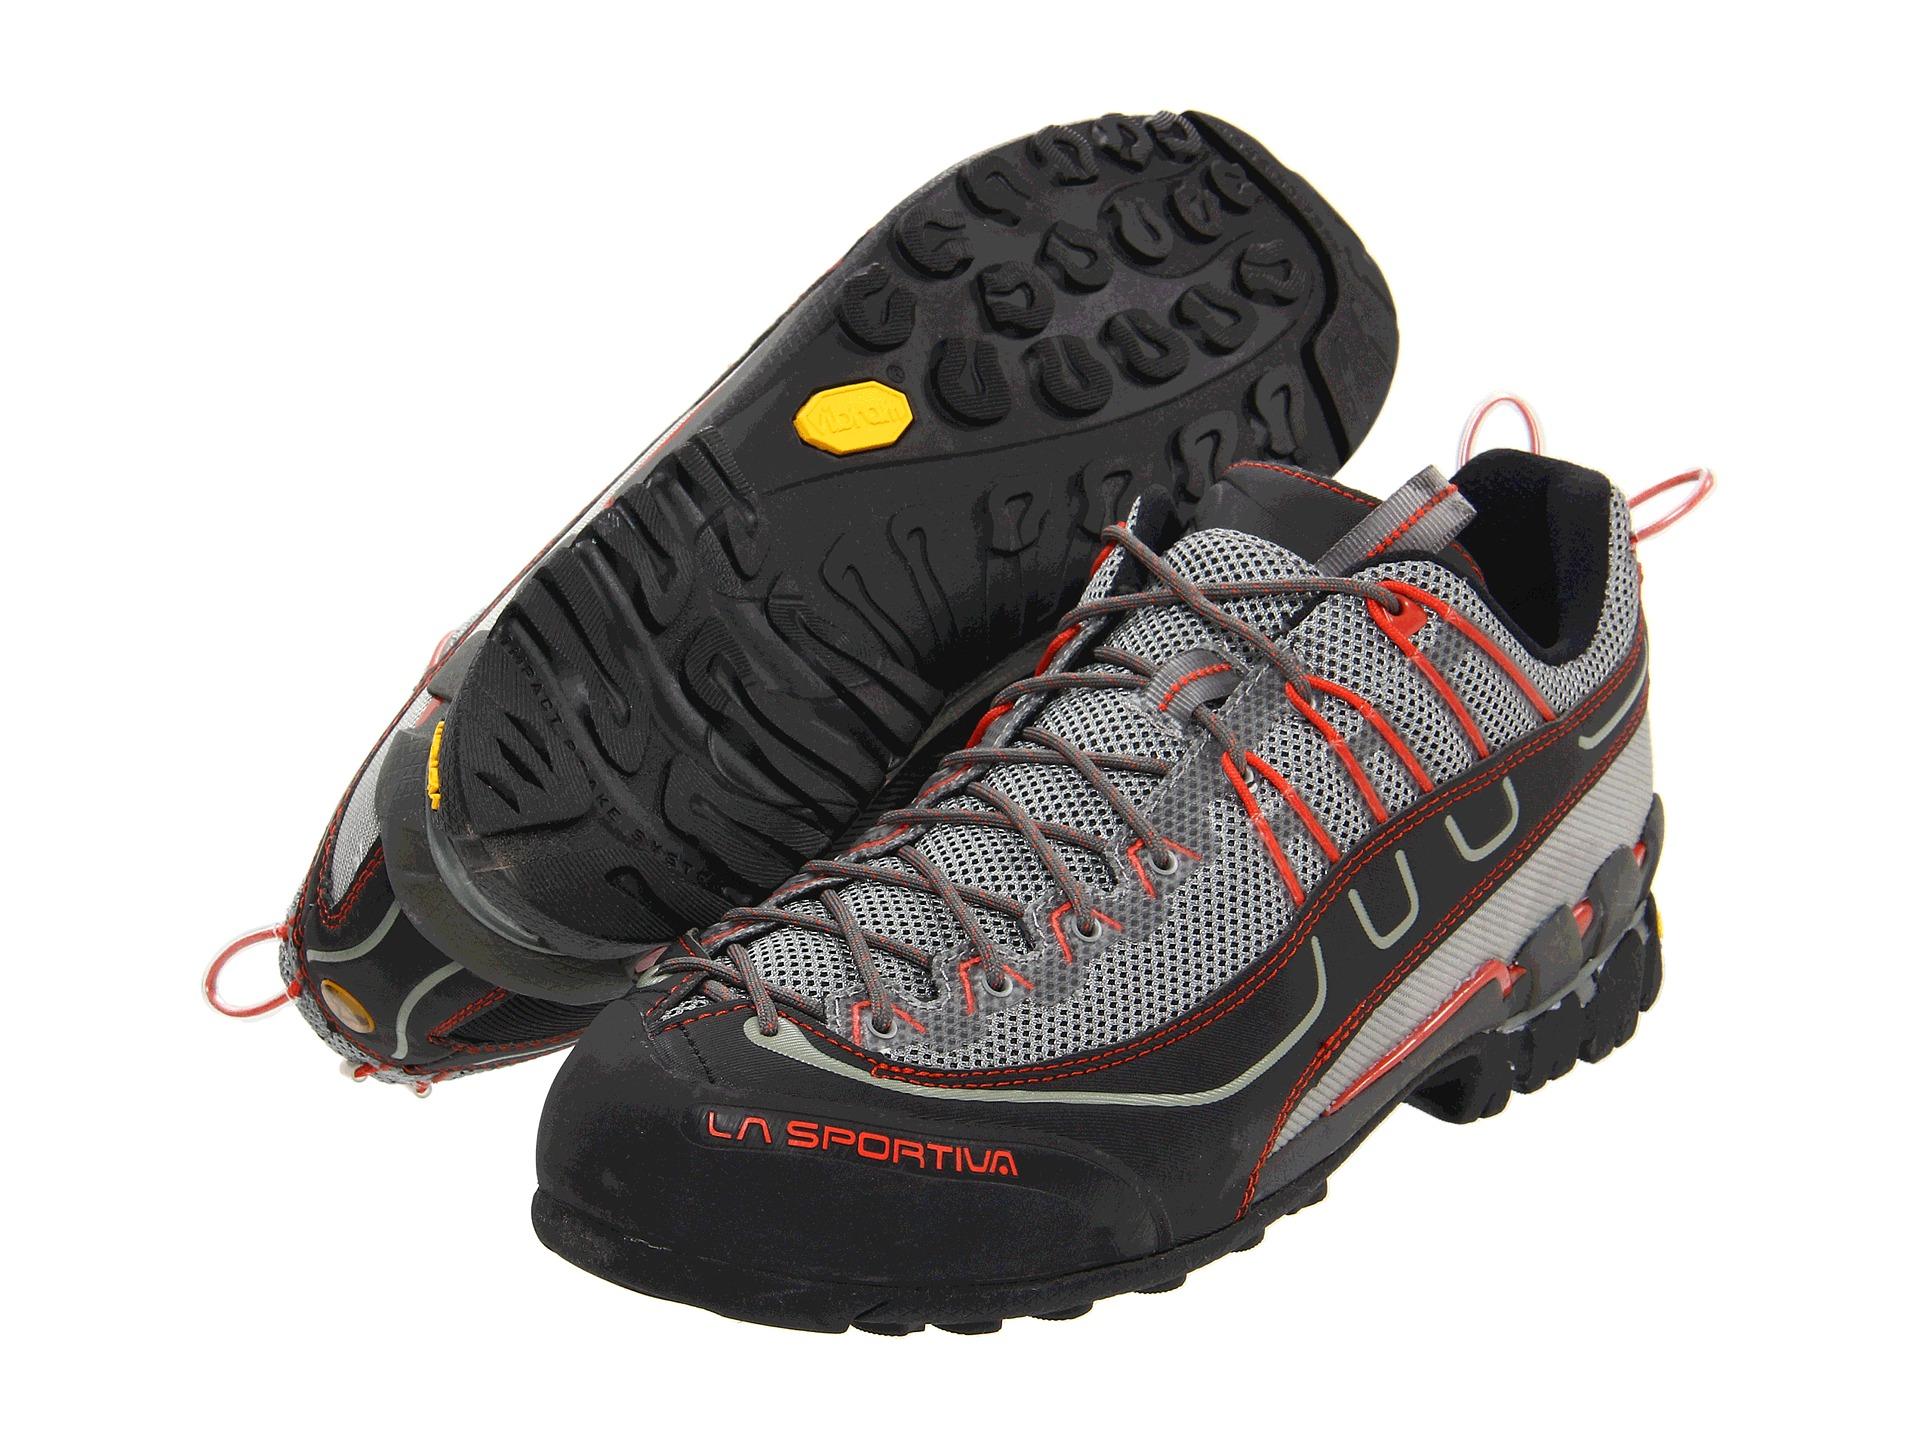 La Sportiva Xplorer Approach Shoe Women